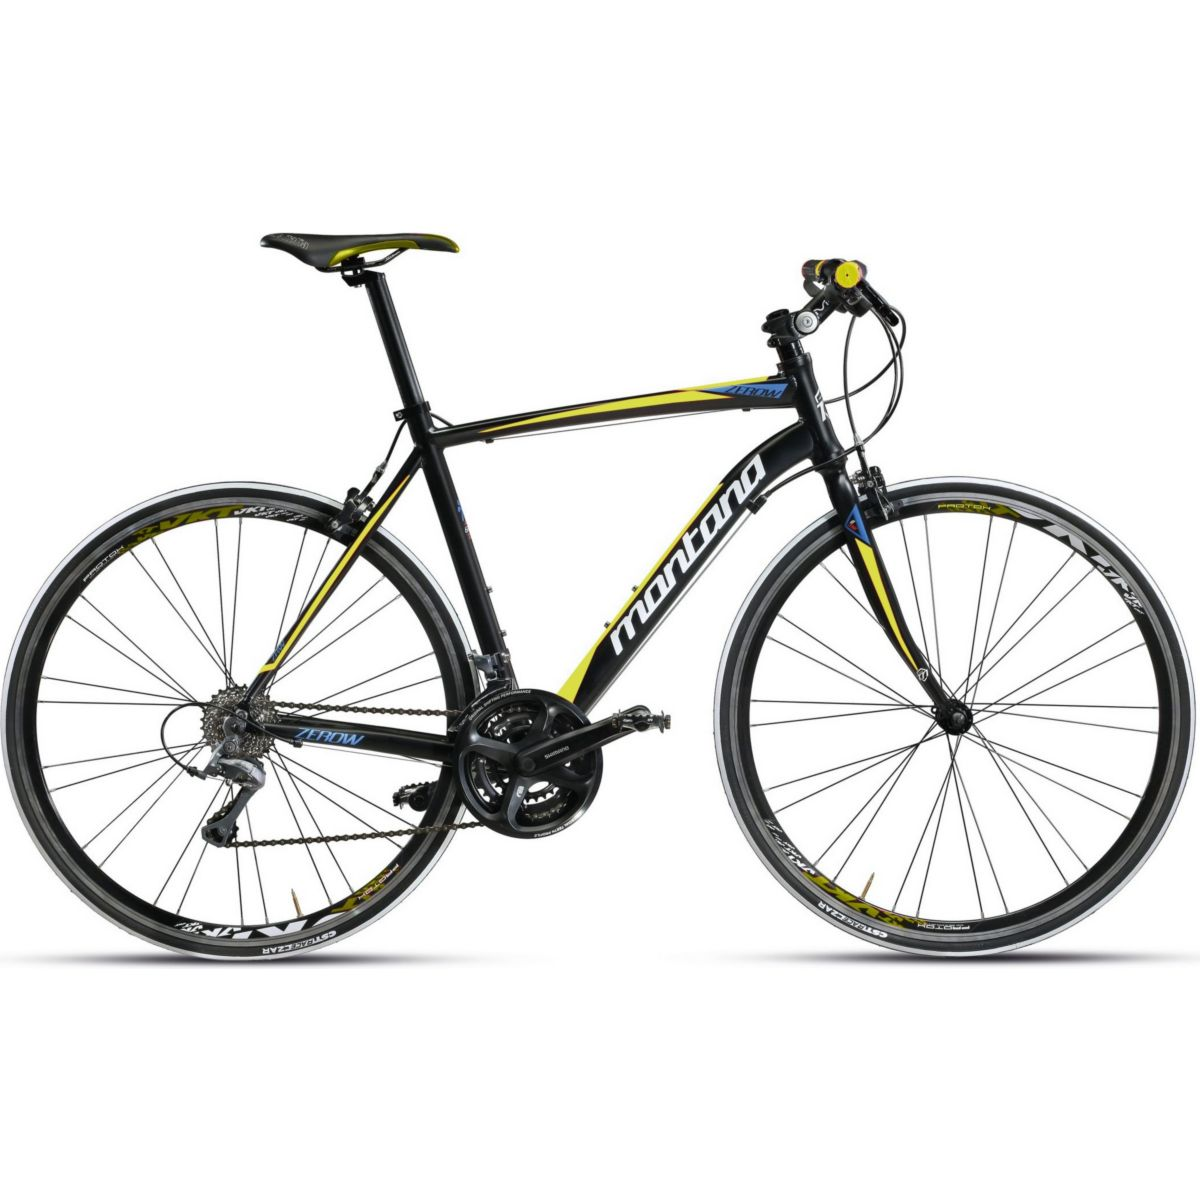 28 Zoll Rennrad 24 Gang Montana Zerow Comfort schwarz-gelb, 52cm jetztbilligerkaufen